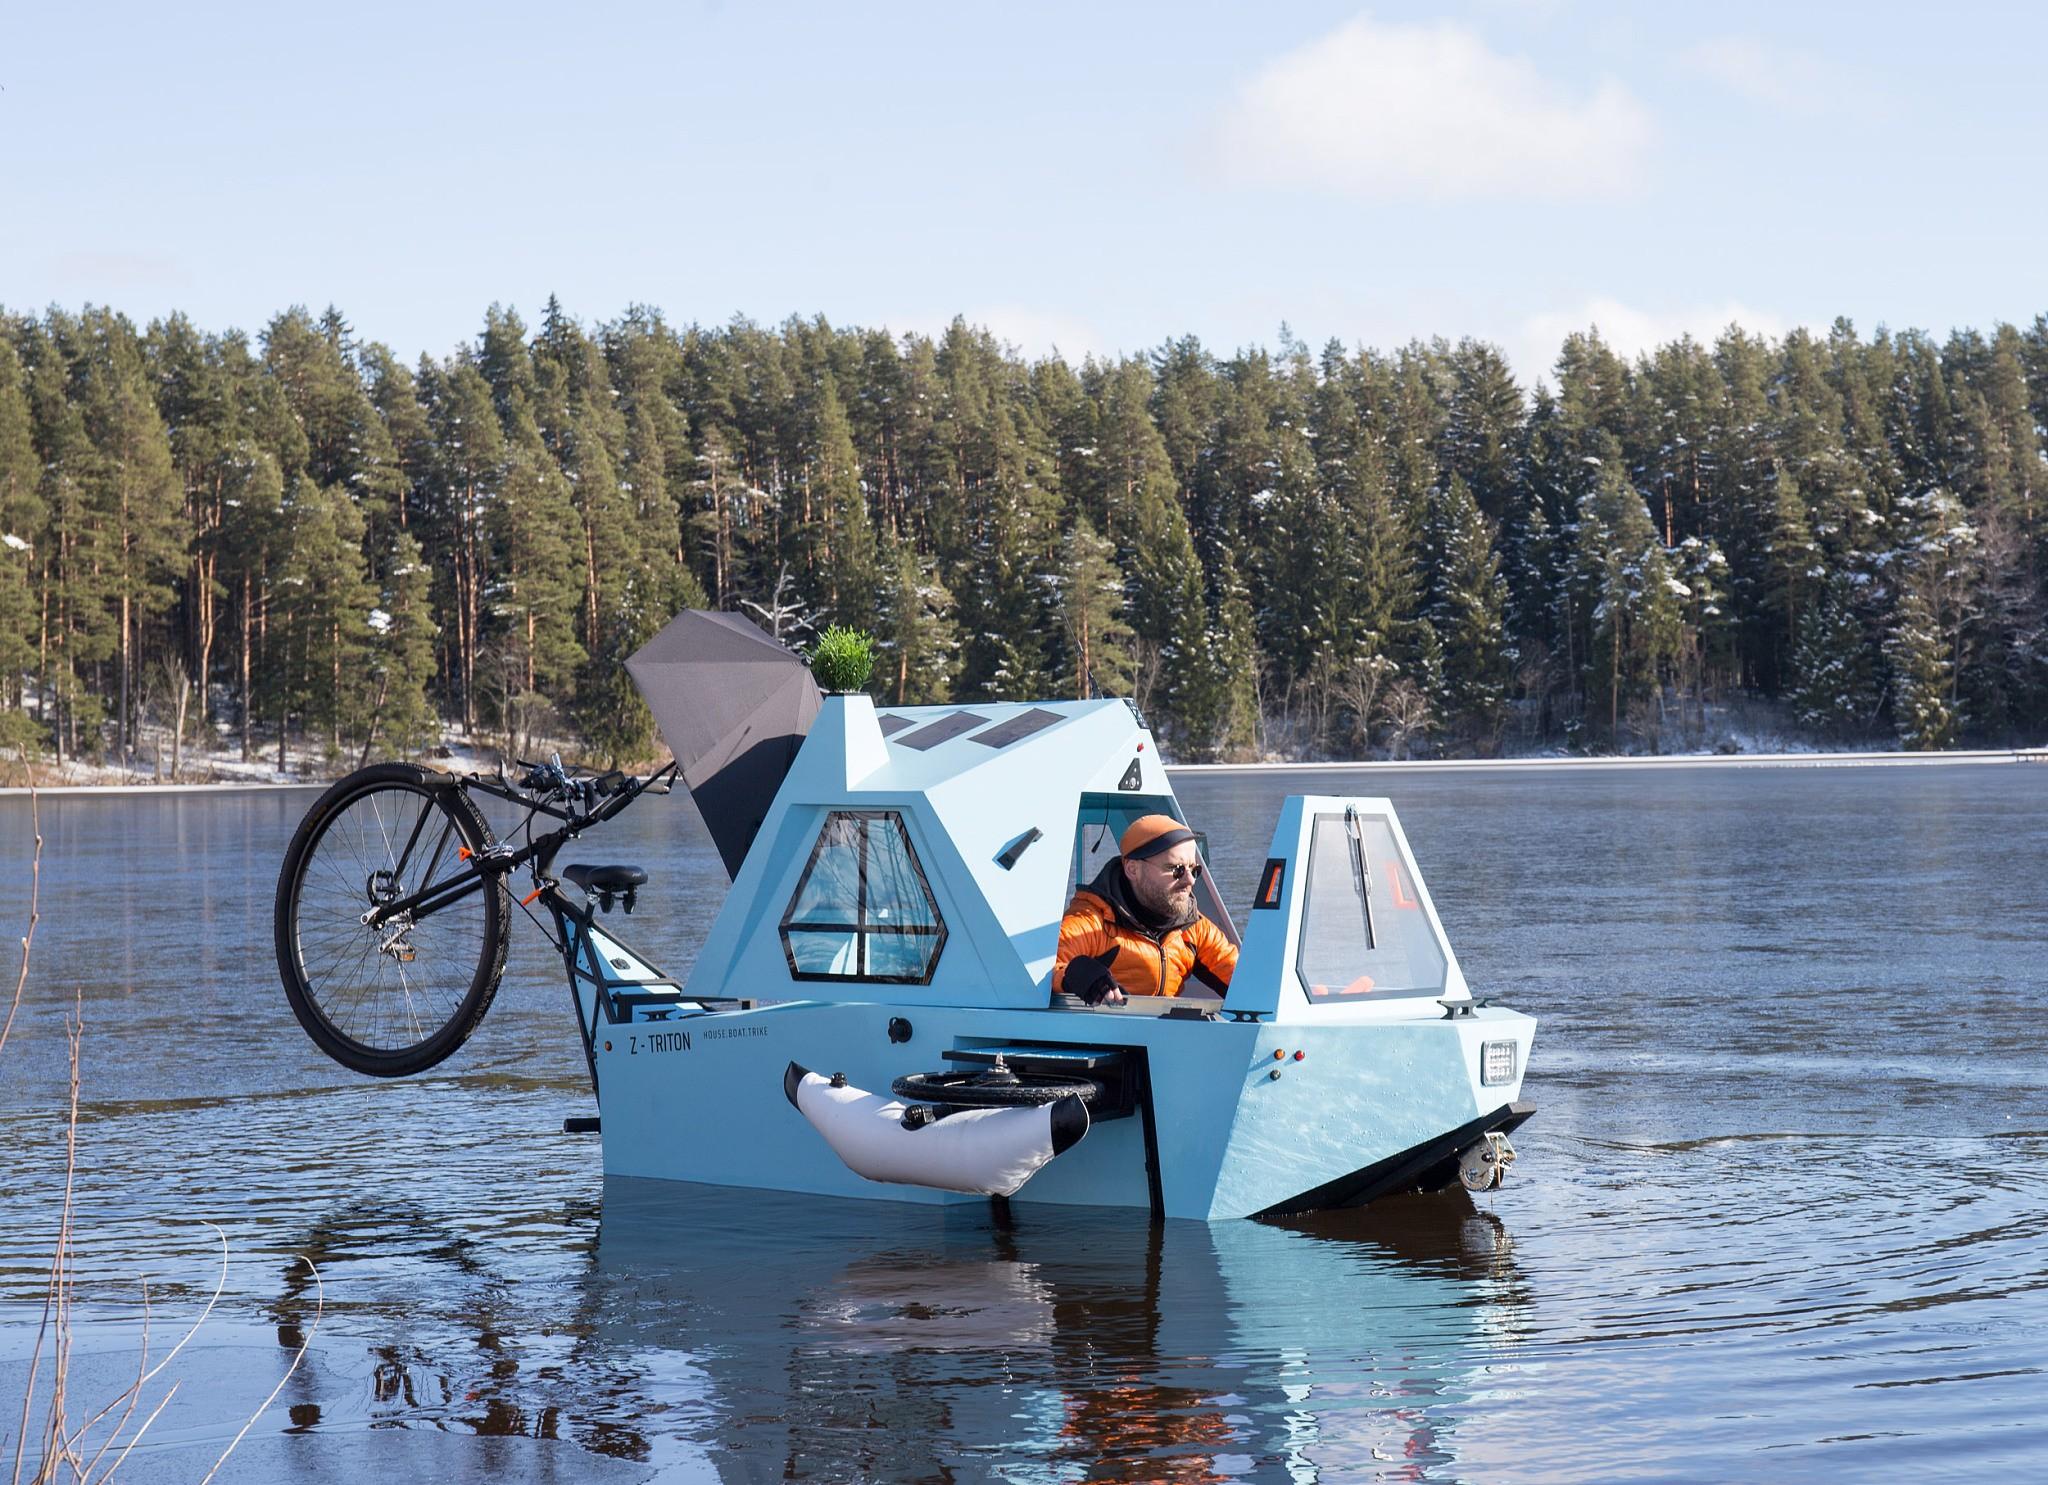 1003670-عربه-متنقلة-تسير-على-الماء.jpg